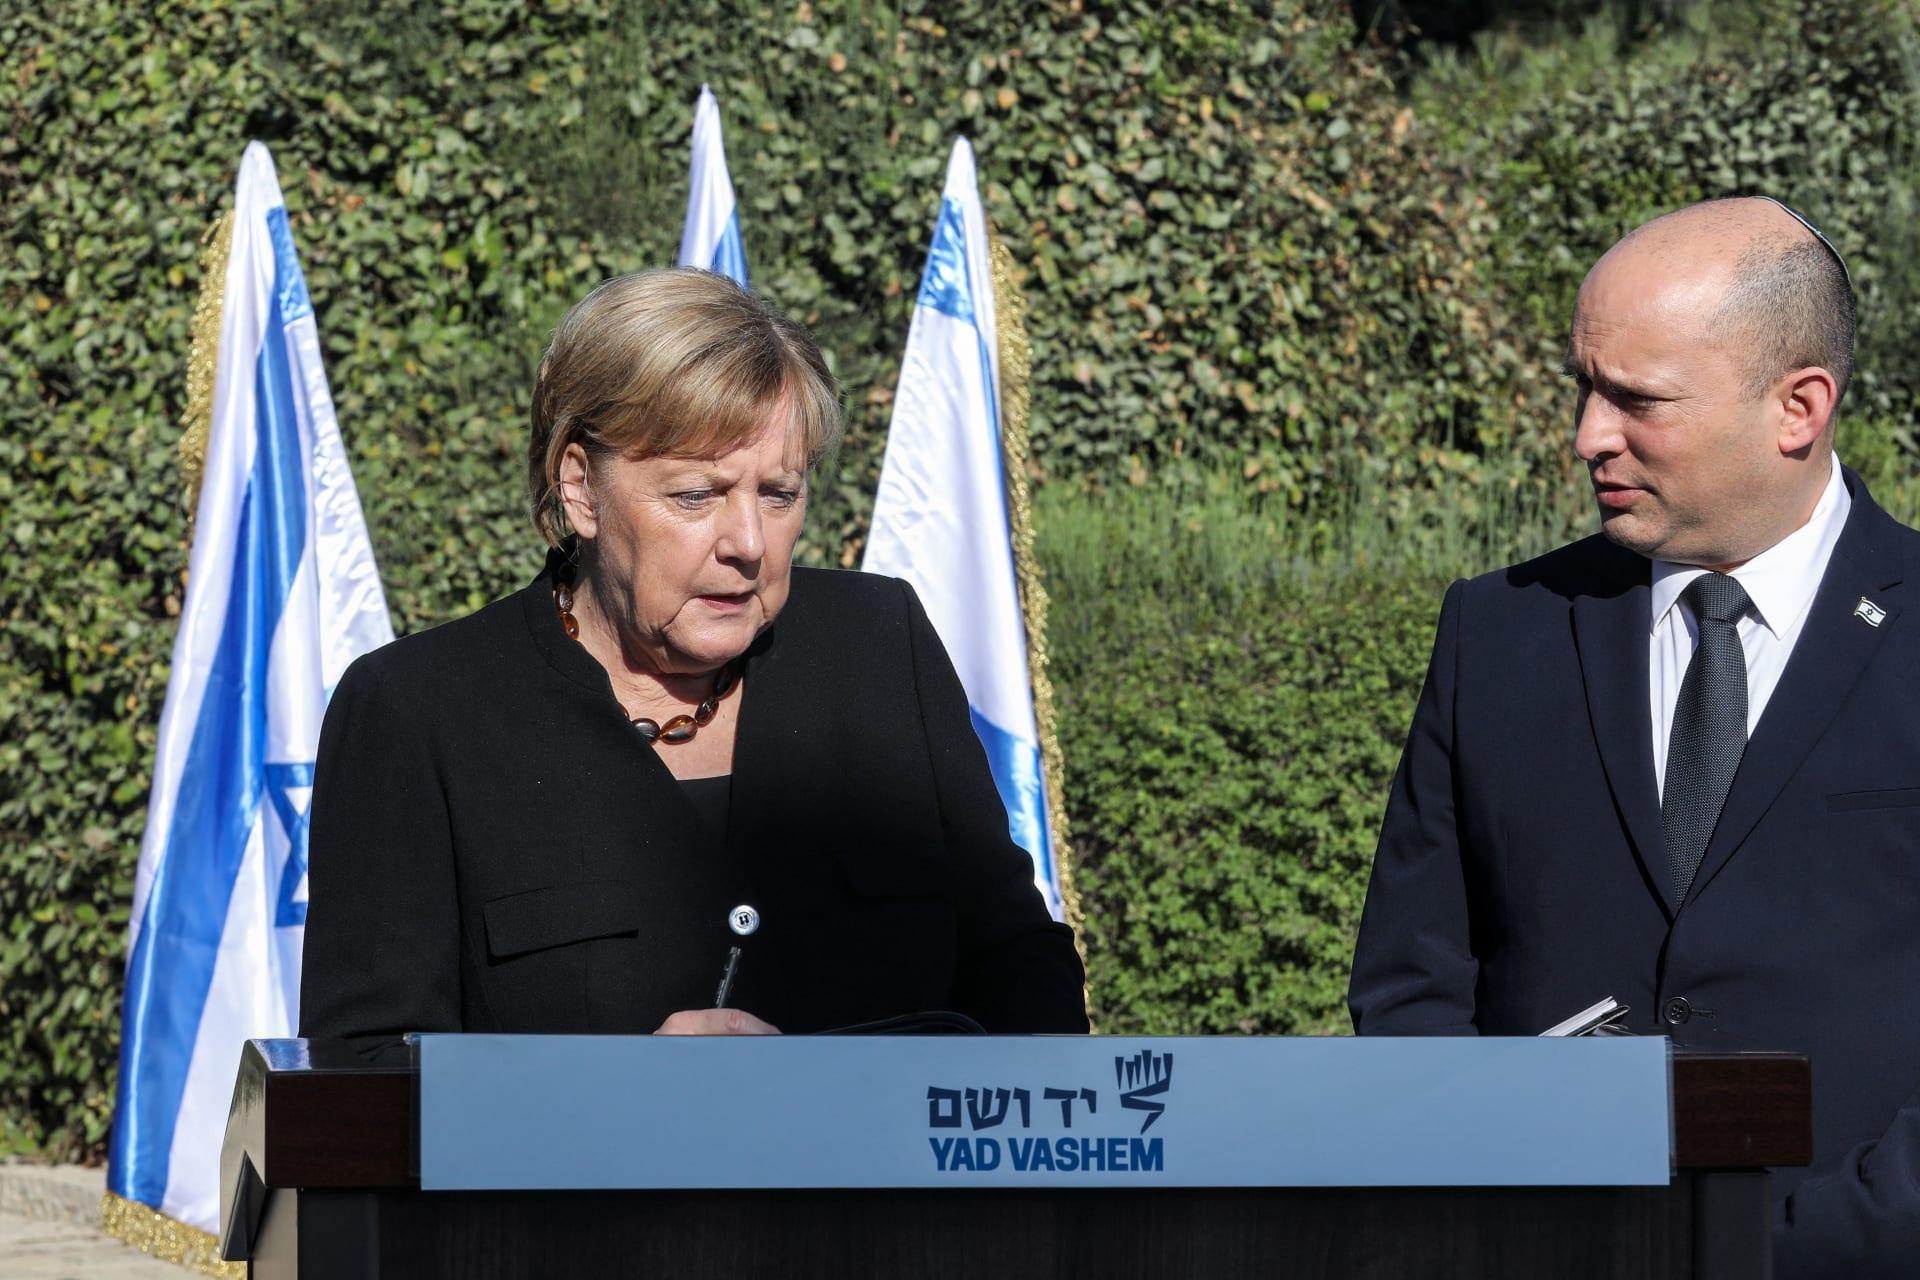 رئيس الوزراء الإسرائيلي نفتالي بينيت والمستشارة الألمانية المنتهية ولايتها أنجيلا ميركل